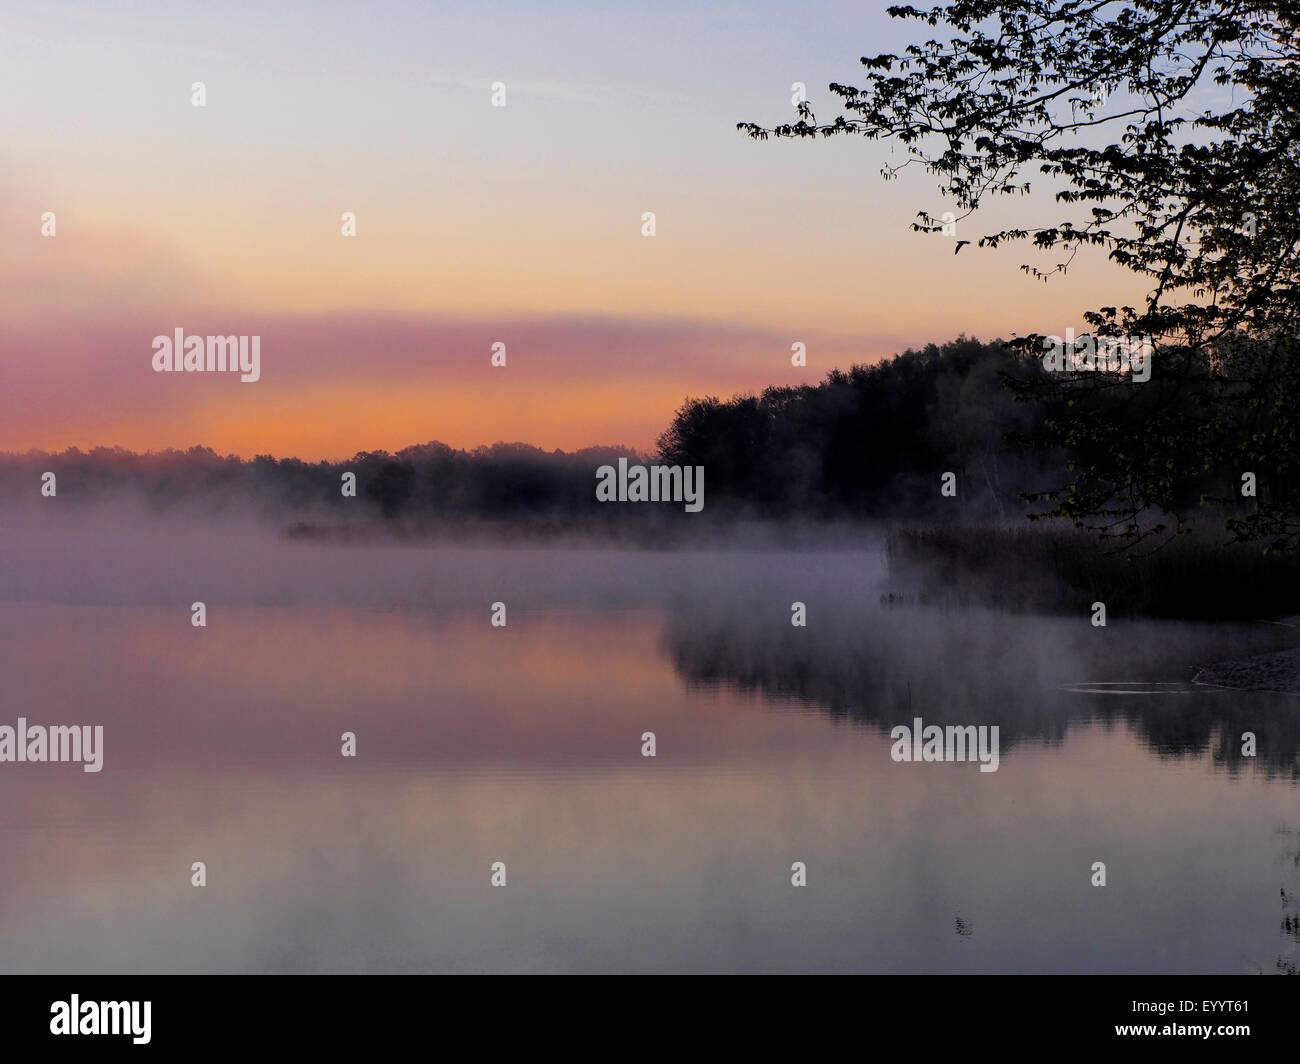 morning mood at a lake, Germany, Brandenburg, Koerba/Niederer Flaeming - Stock Image